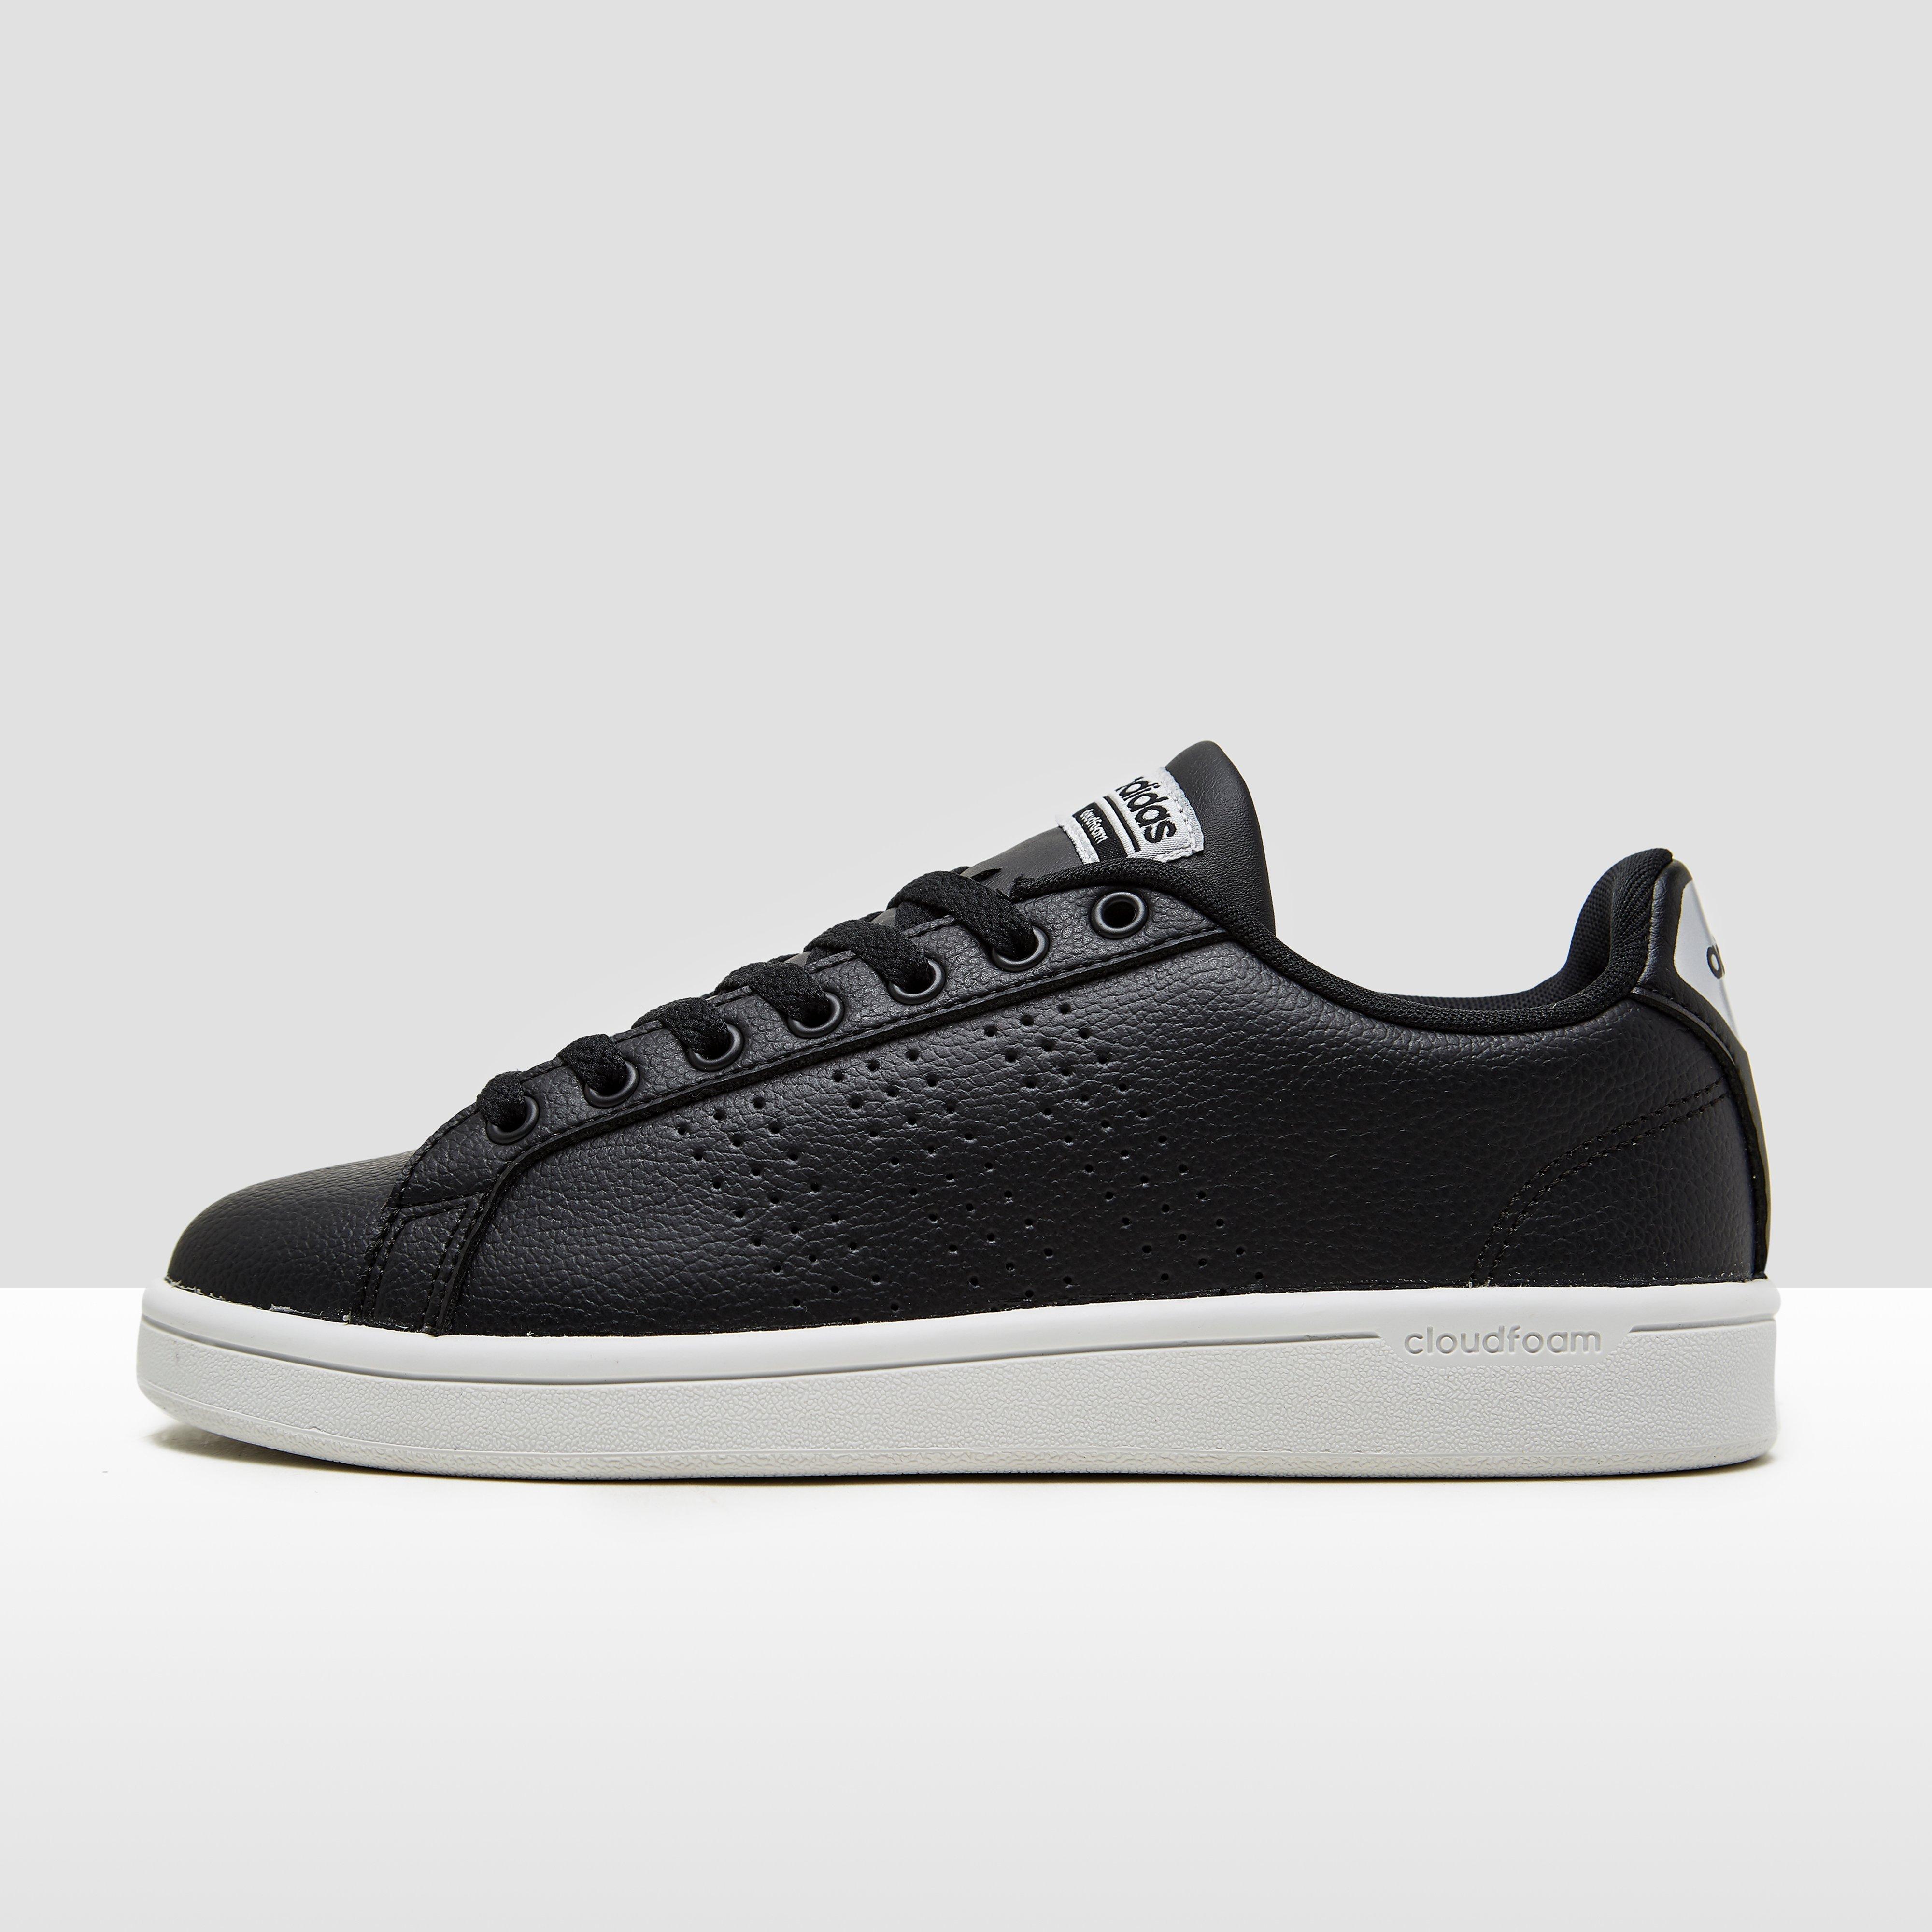 Adidas - Avantage Mousse Nuage Formateurs - Dames - Formateurs - Noir - 40 j3k47Eb